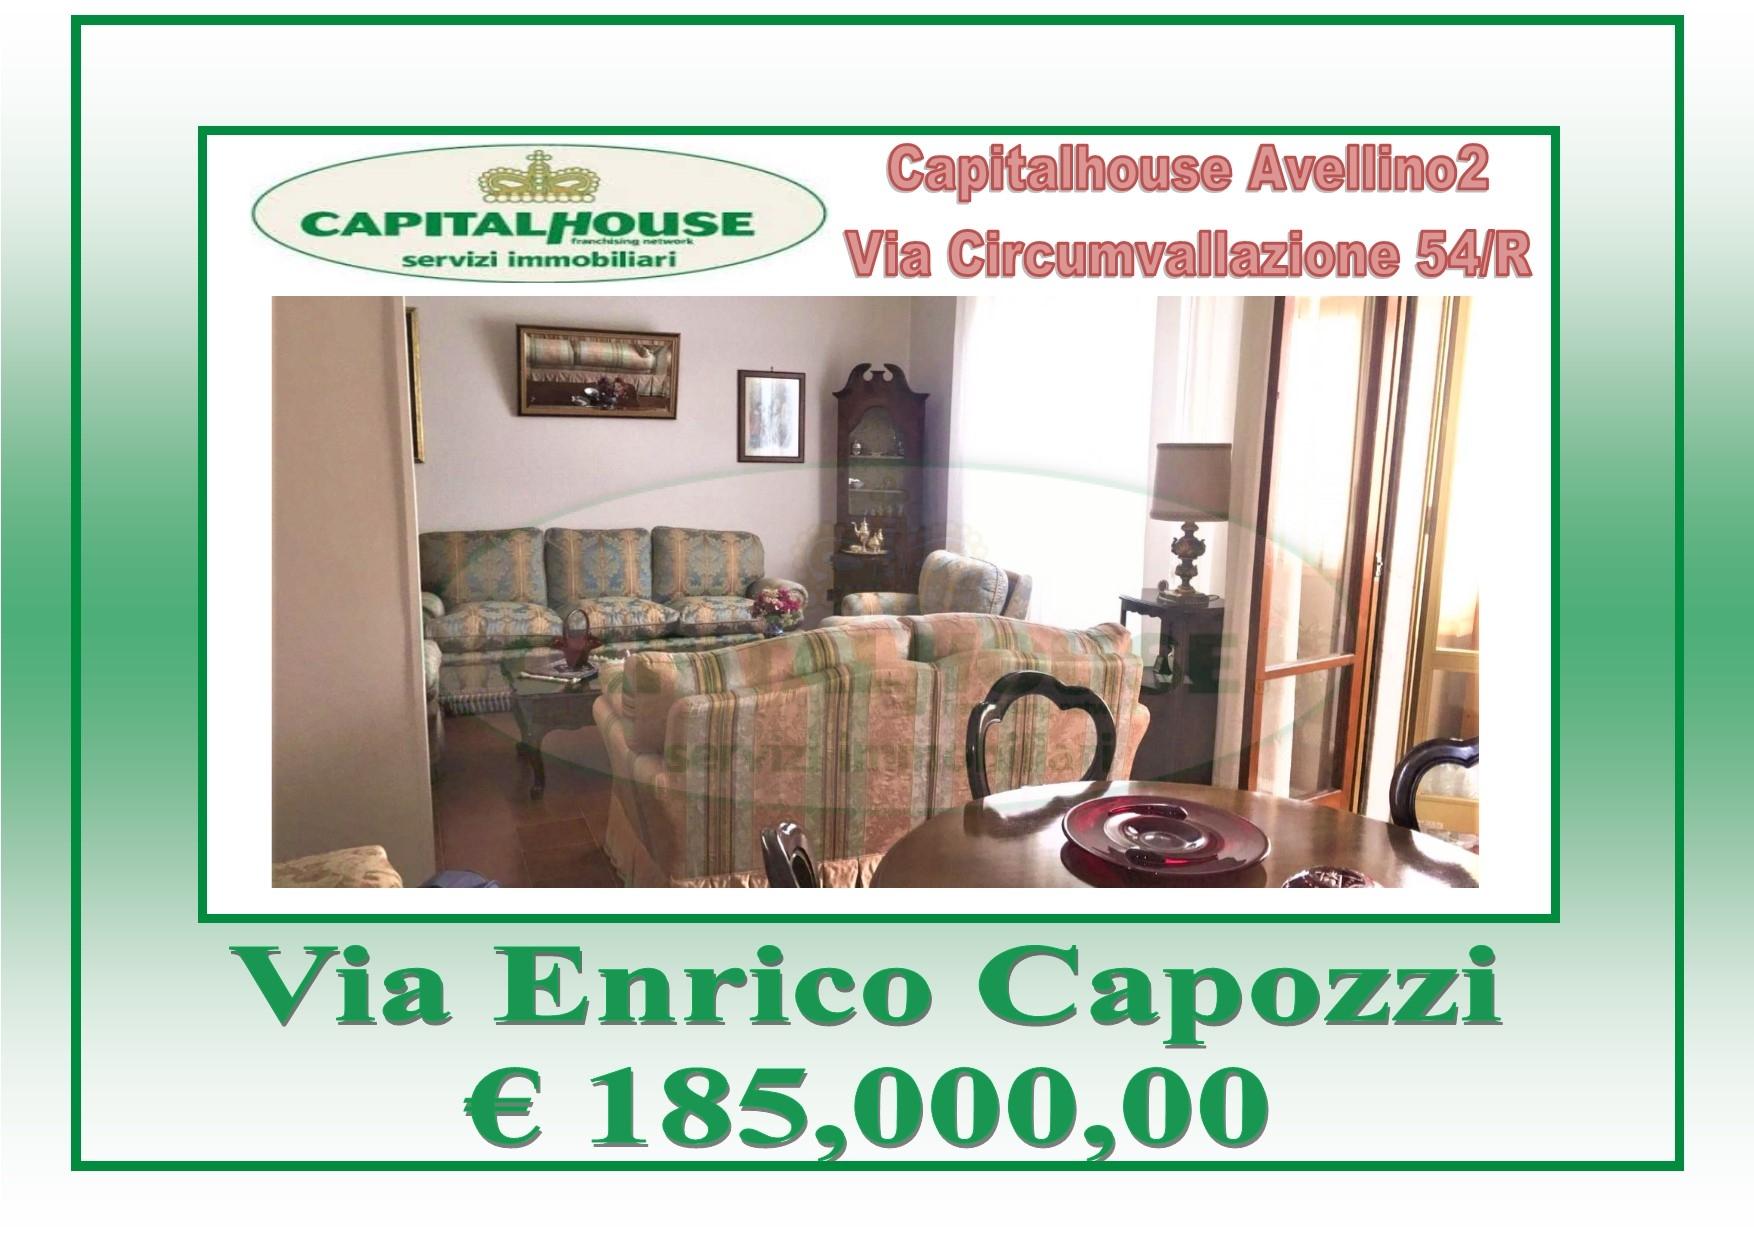 Appartamento in vendita a Avellino, 4 locali, zona Zona: Semicentro, prezzo € 185.000 | Cambio Casa.it